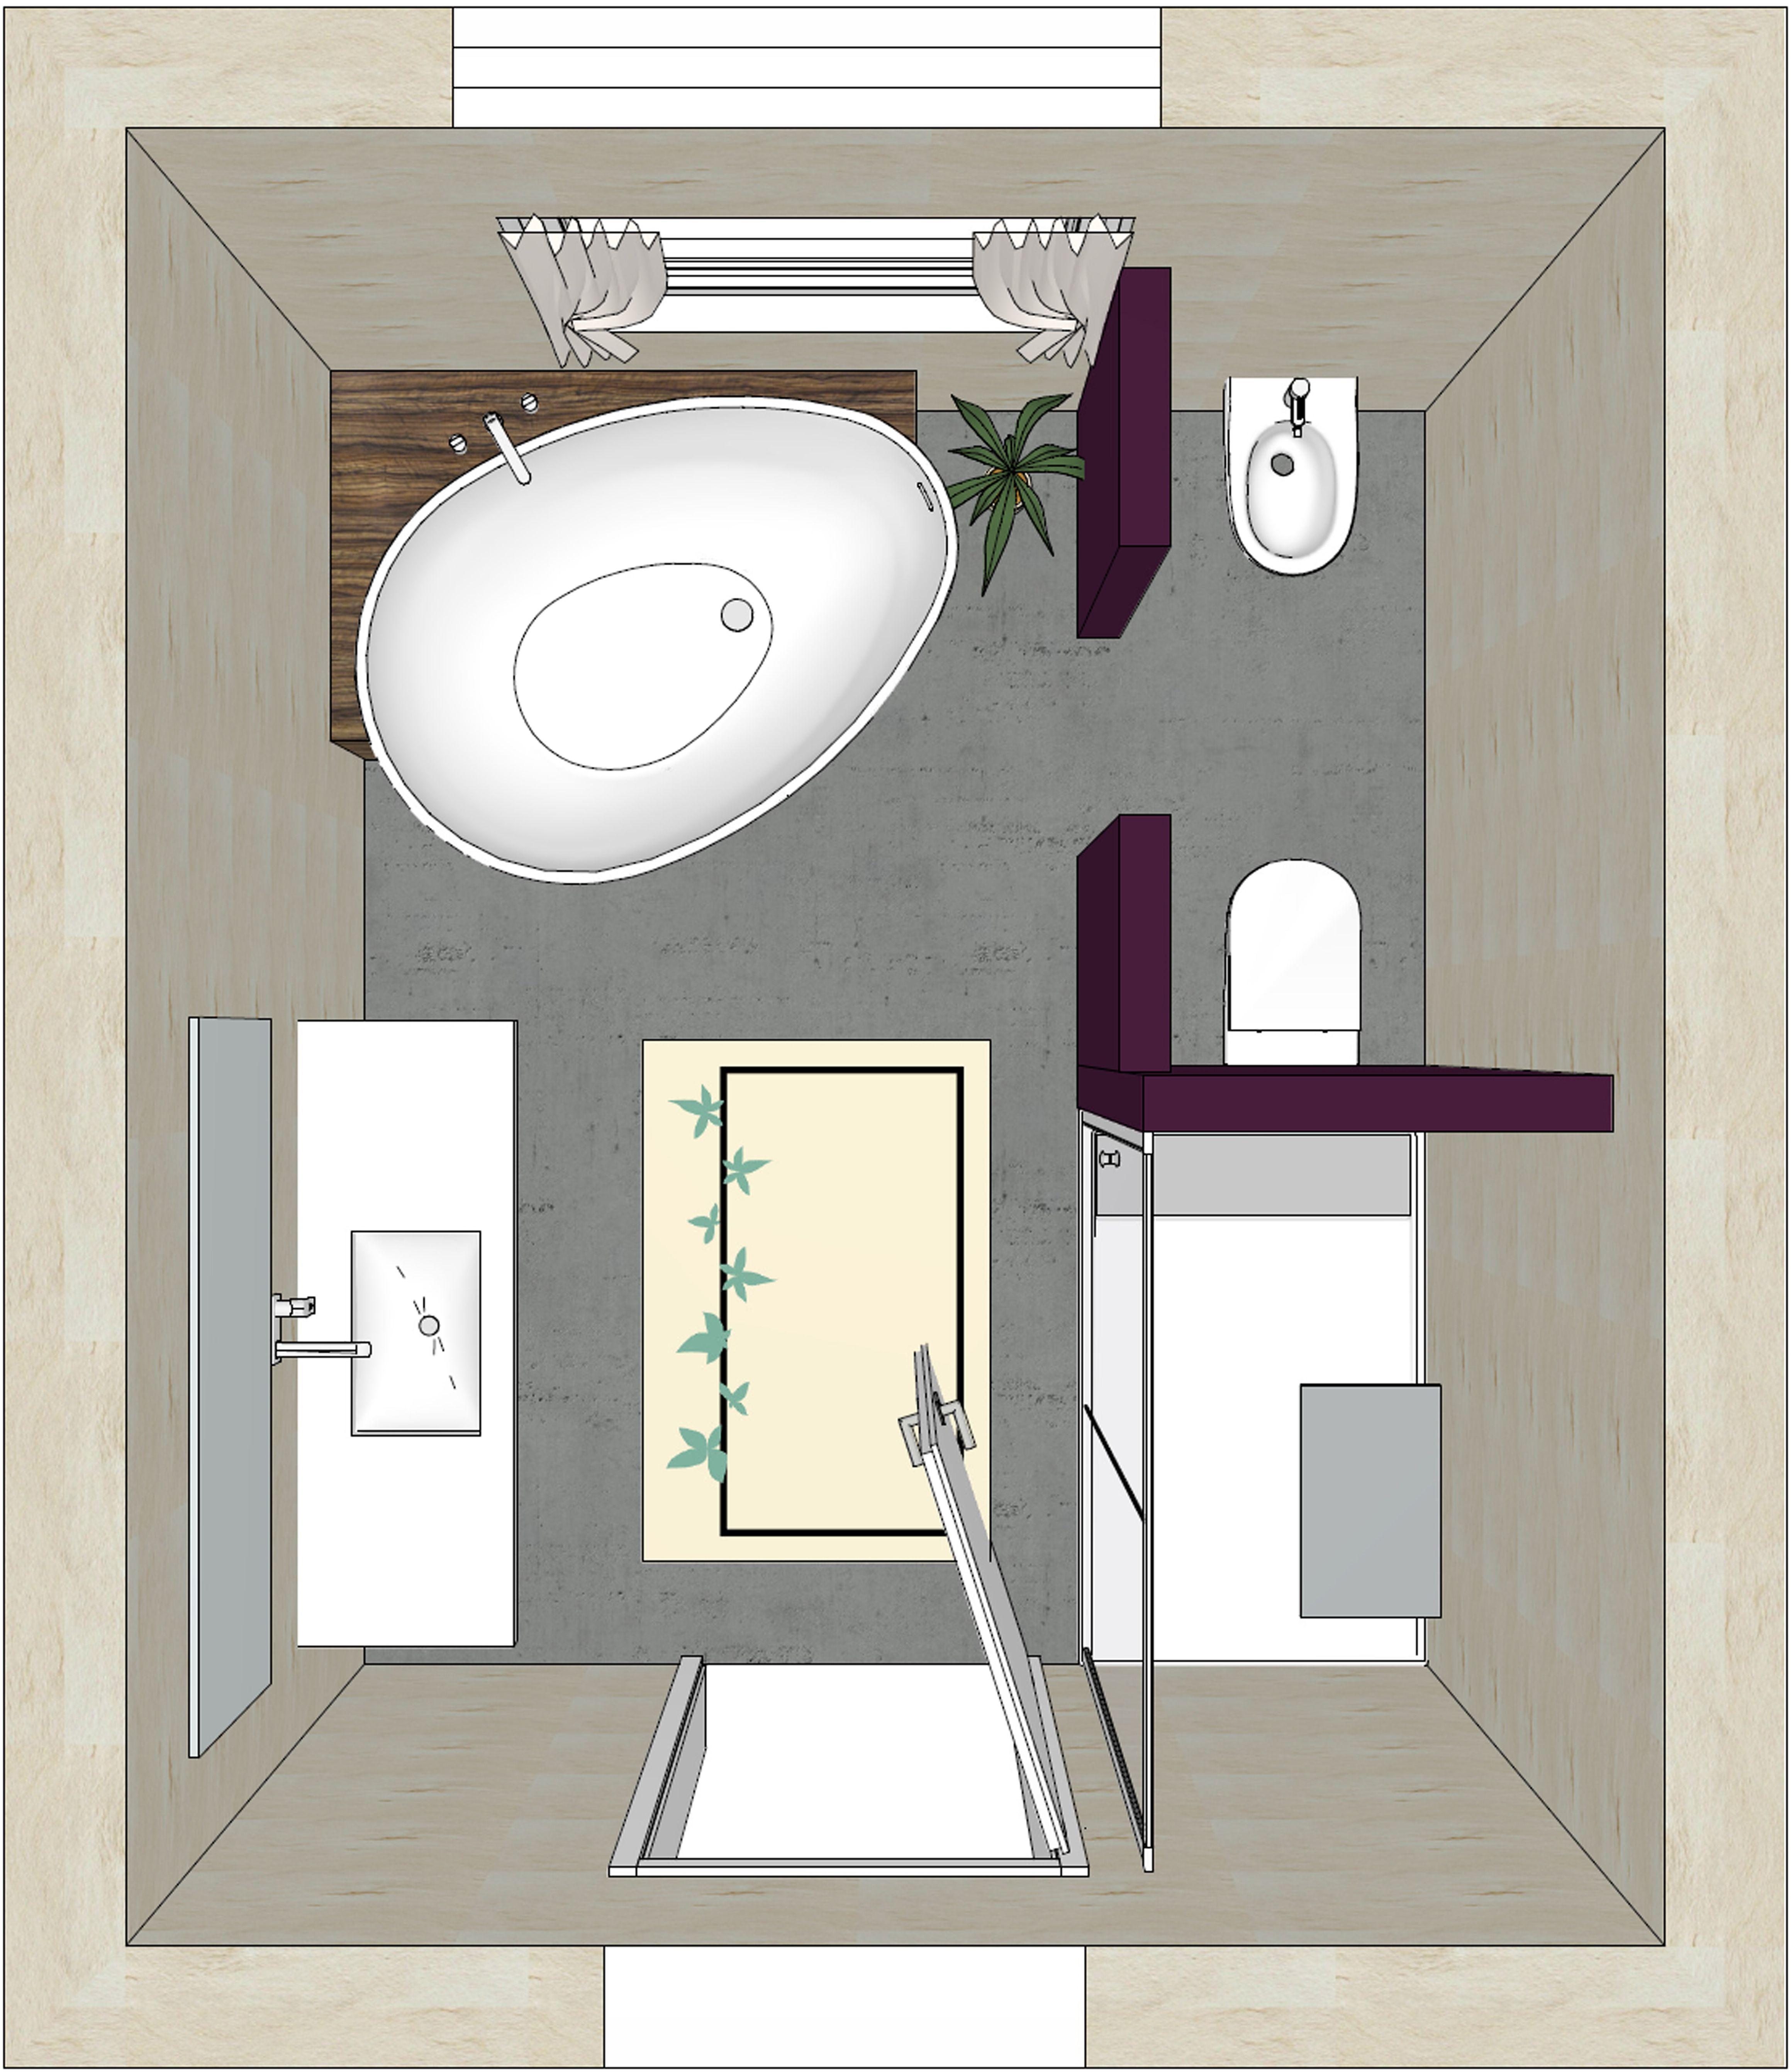 Badplanung mit freistehender Badewannedie an ein Podest grenzt  Badarchitektur gut geplant